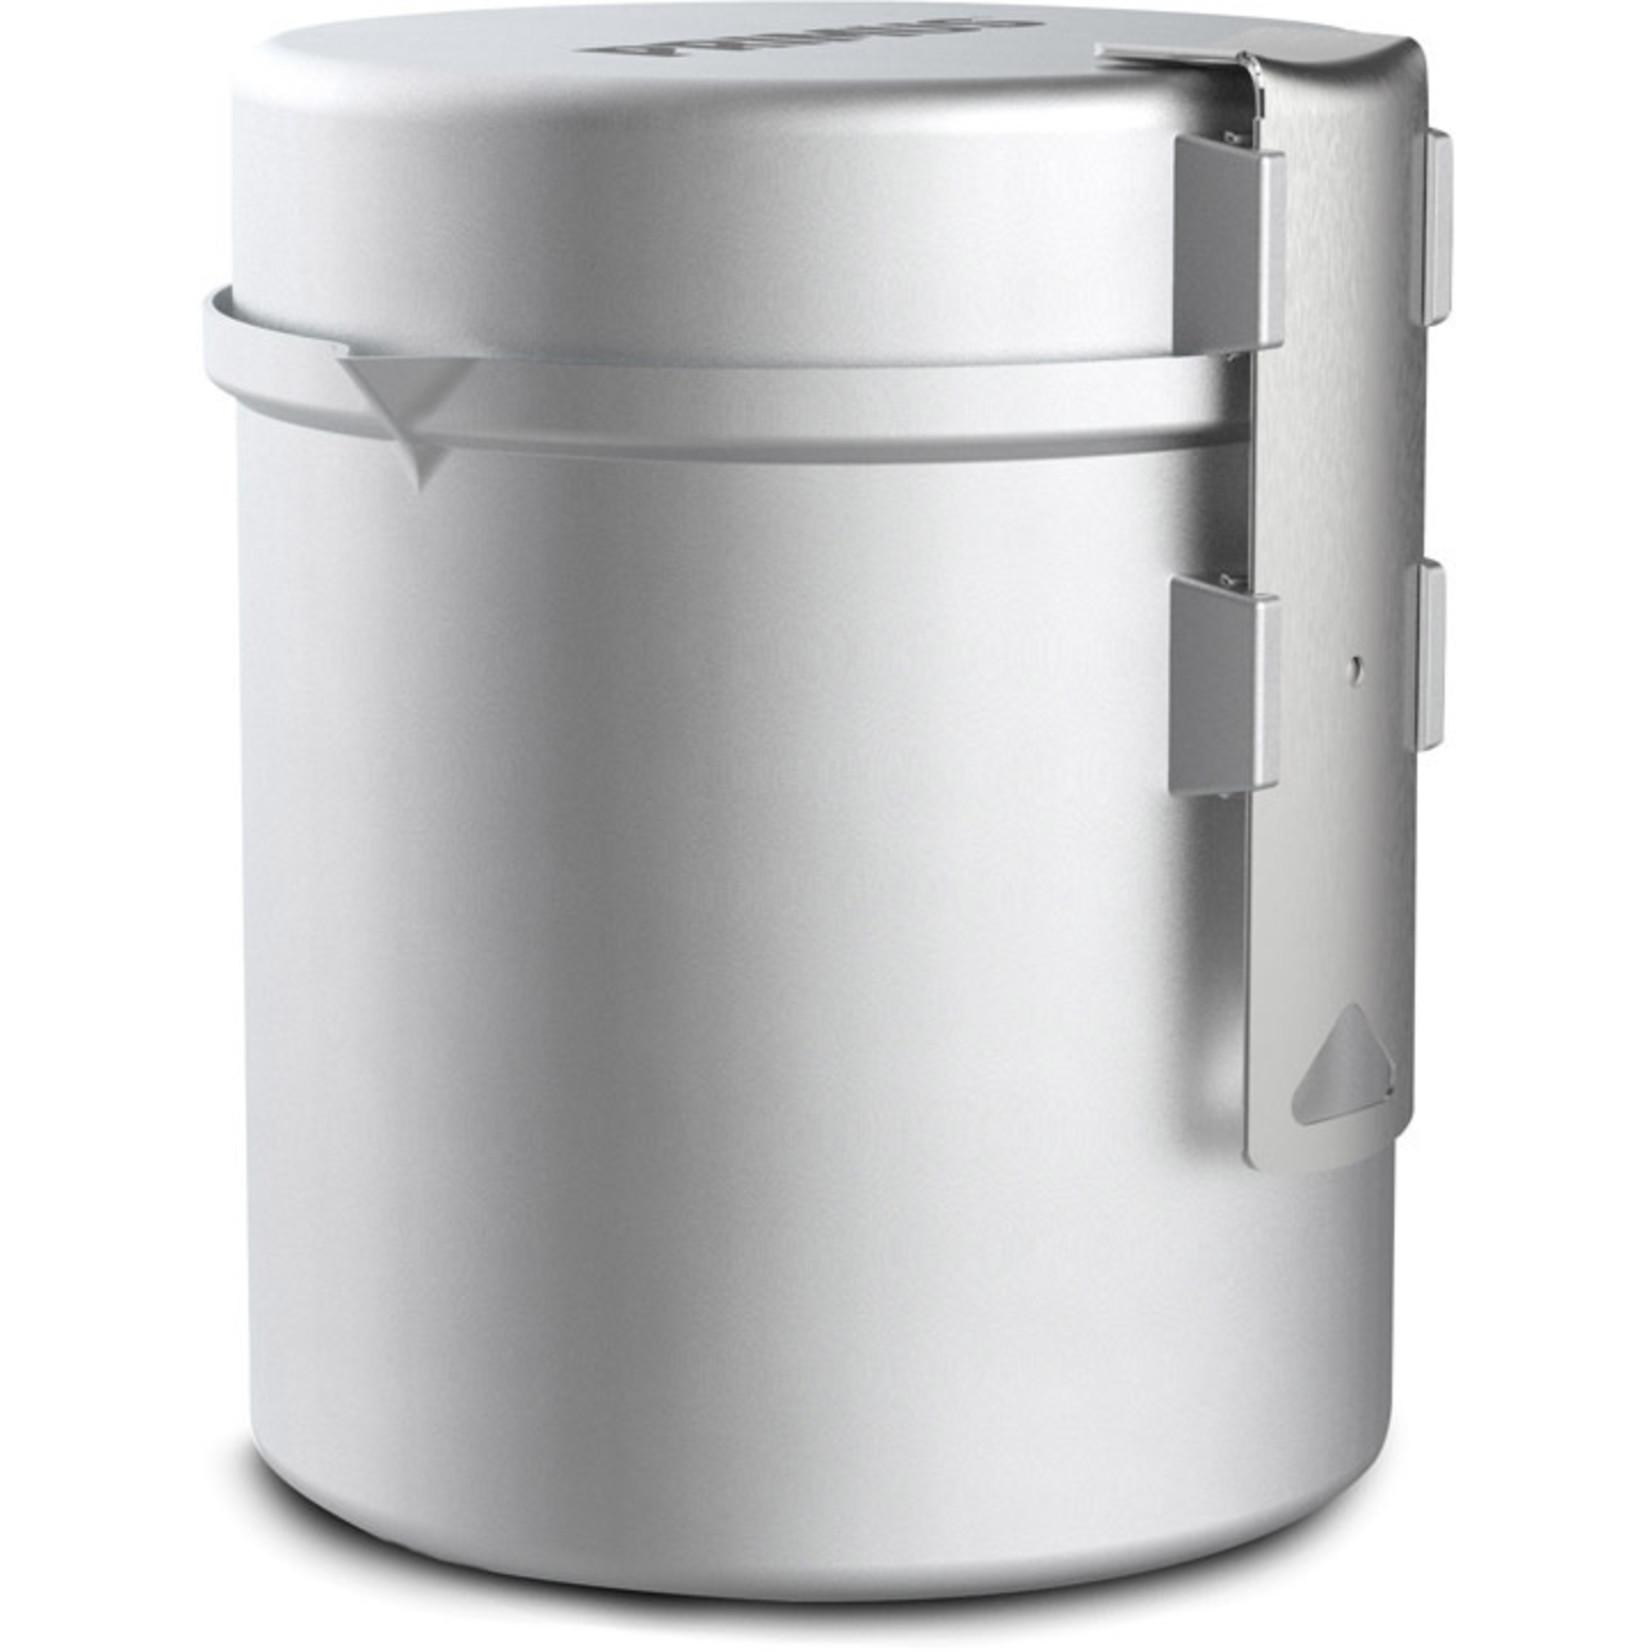 Primus Primus Essential trek pot 1 liter, hard-anodised aluminium